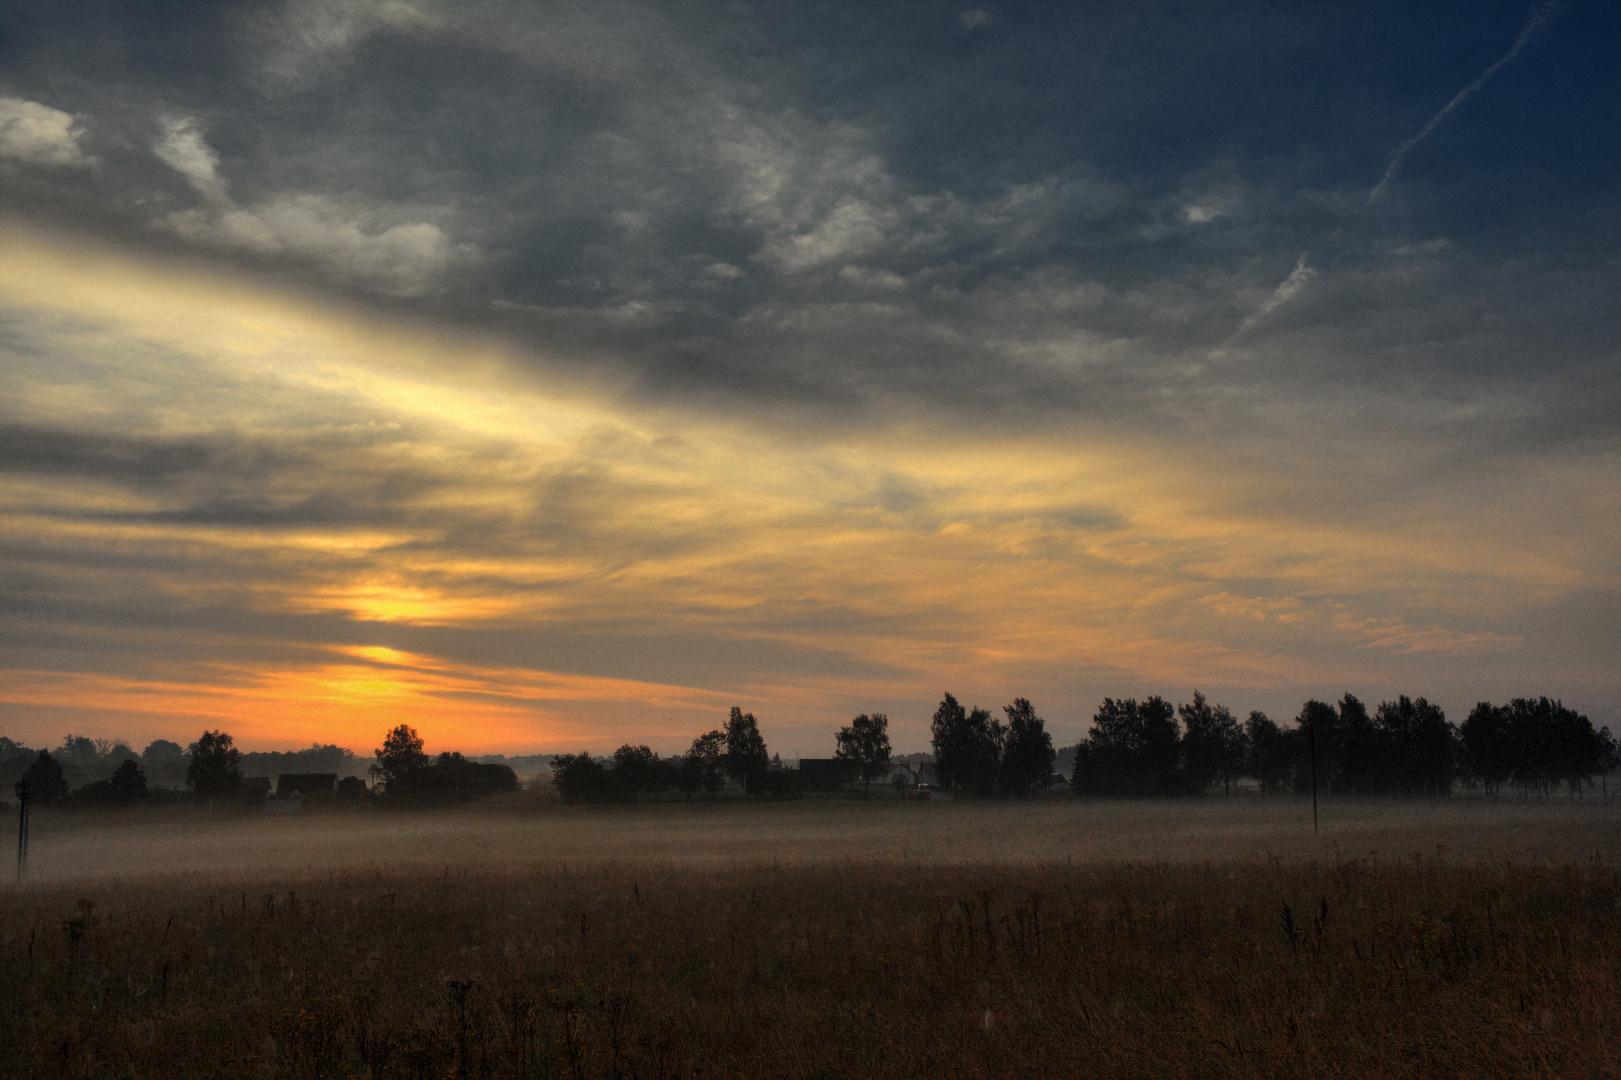 Der Morgen im Dorf